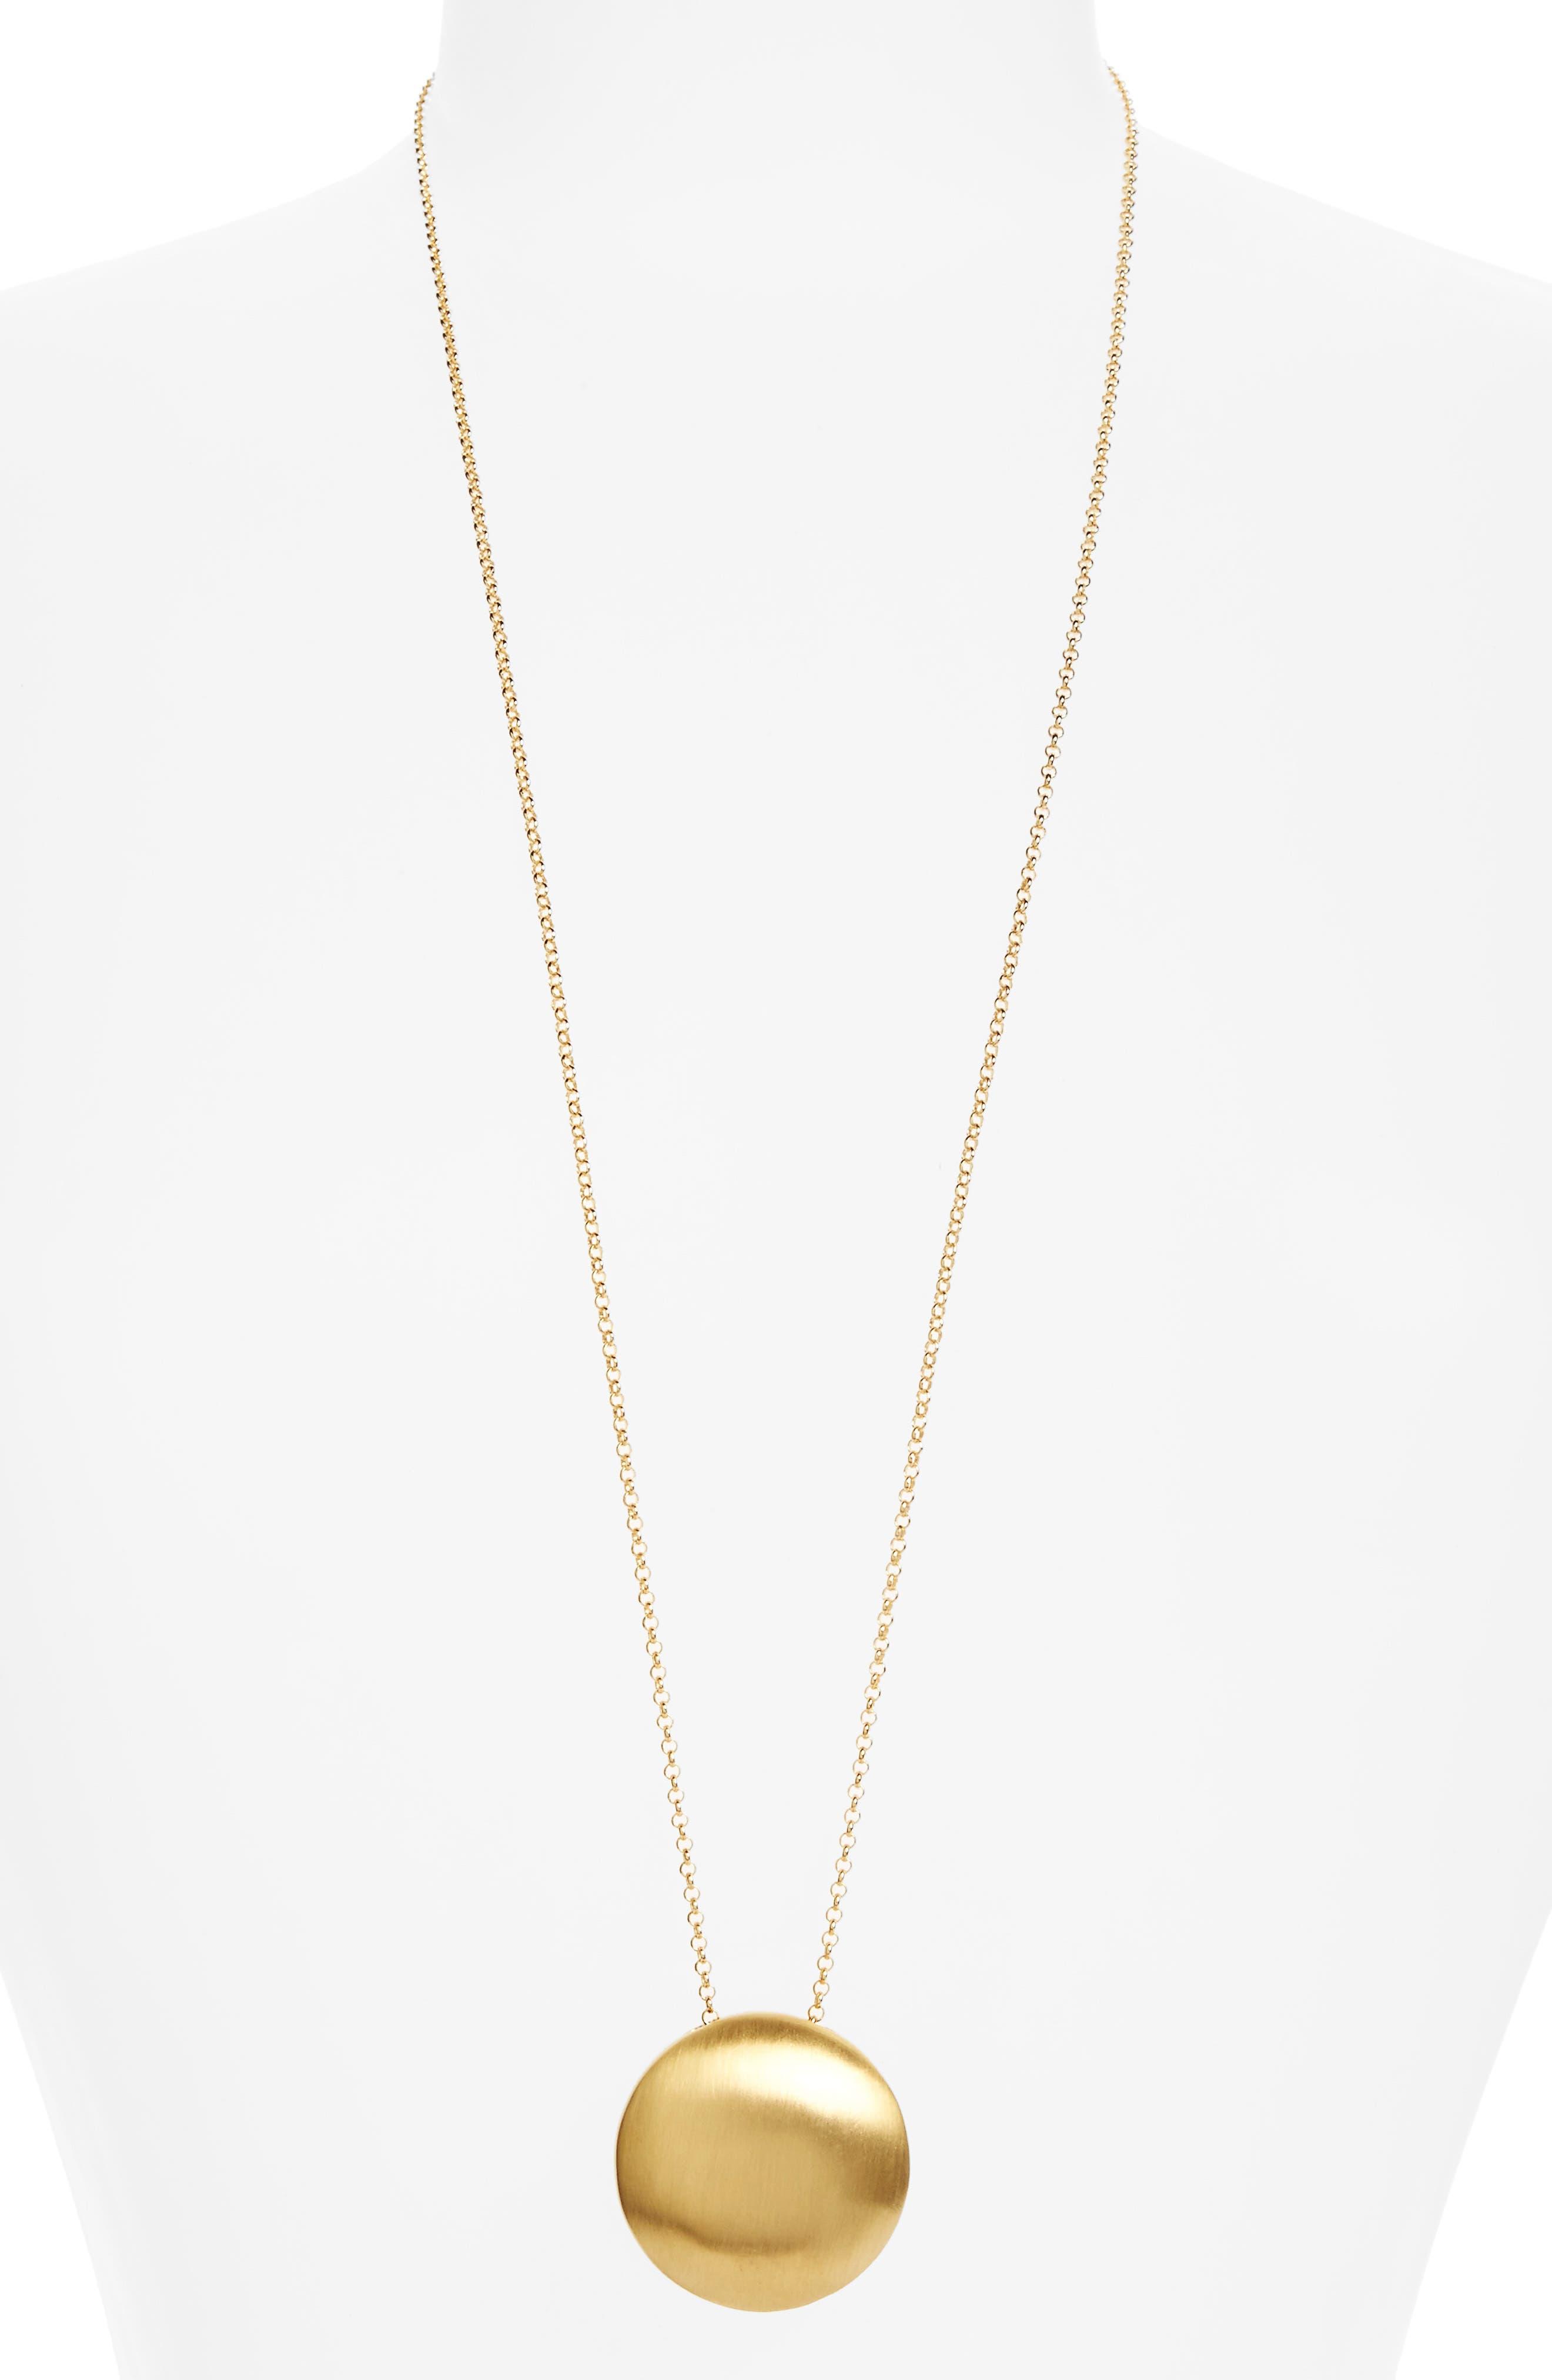 Main Image - Dean Davidson Sphere Pendant Necklace